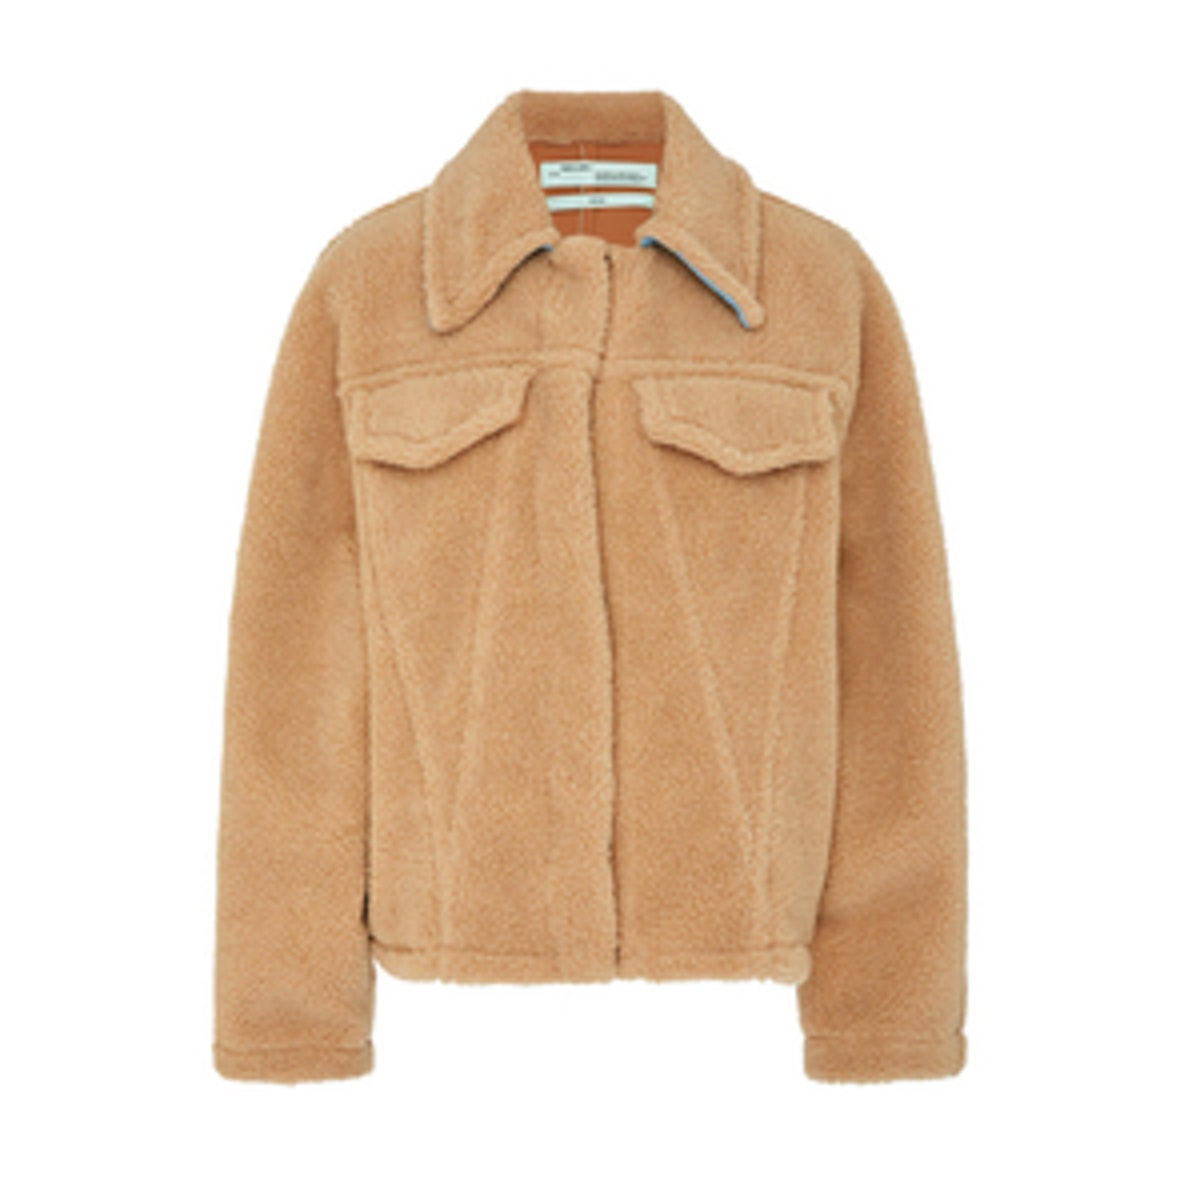 Bear Faux Shearling Jacket